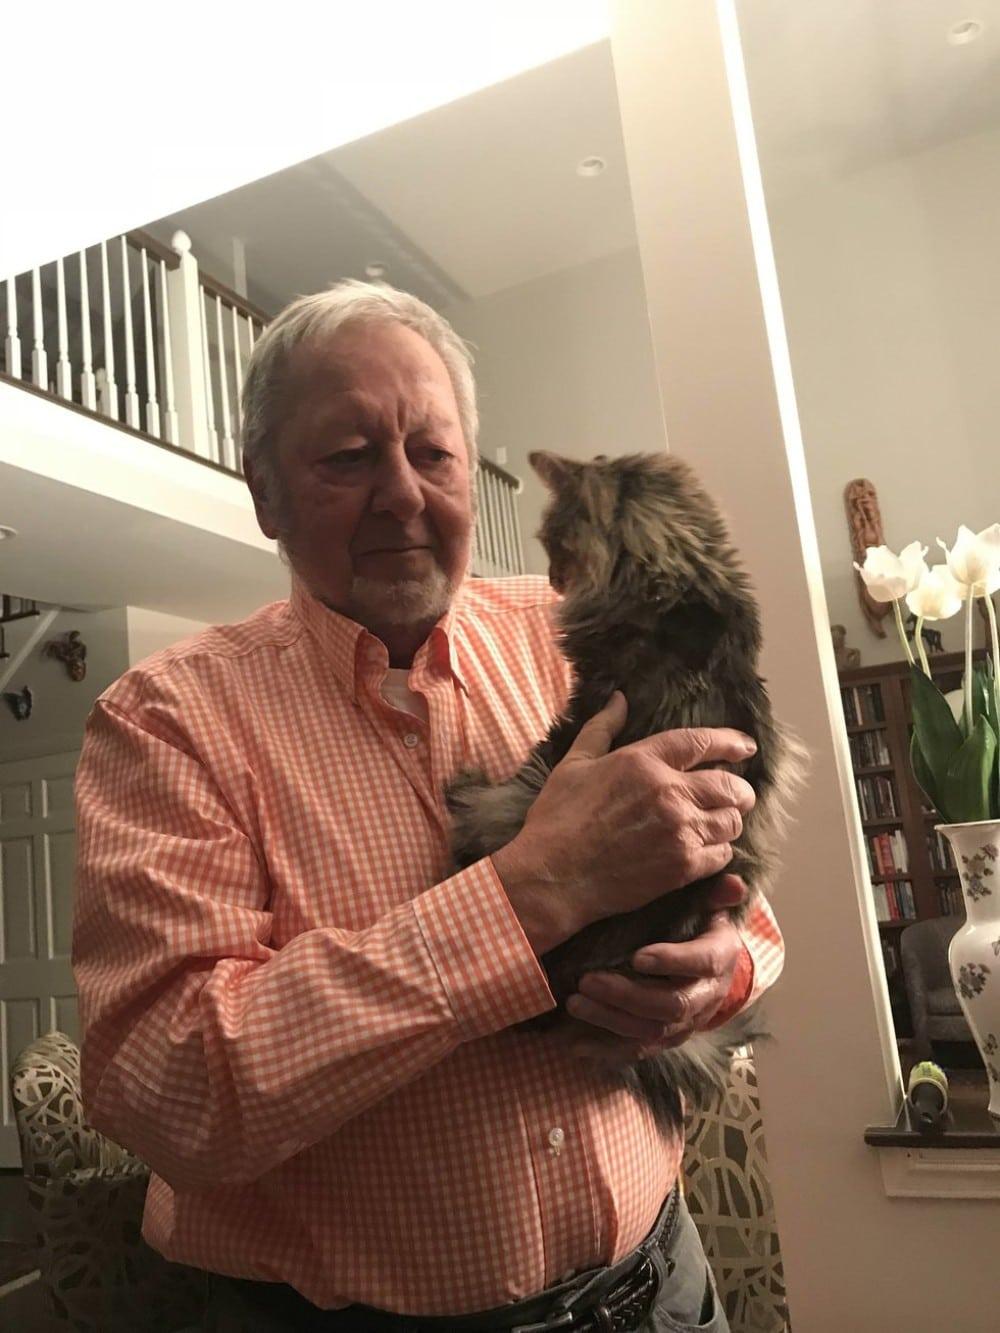 abuelo con gato